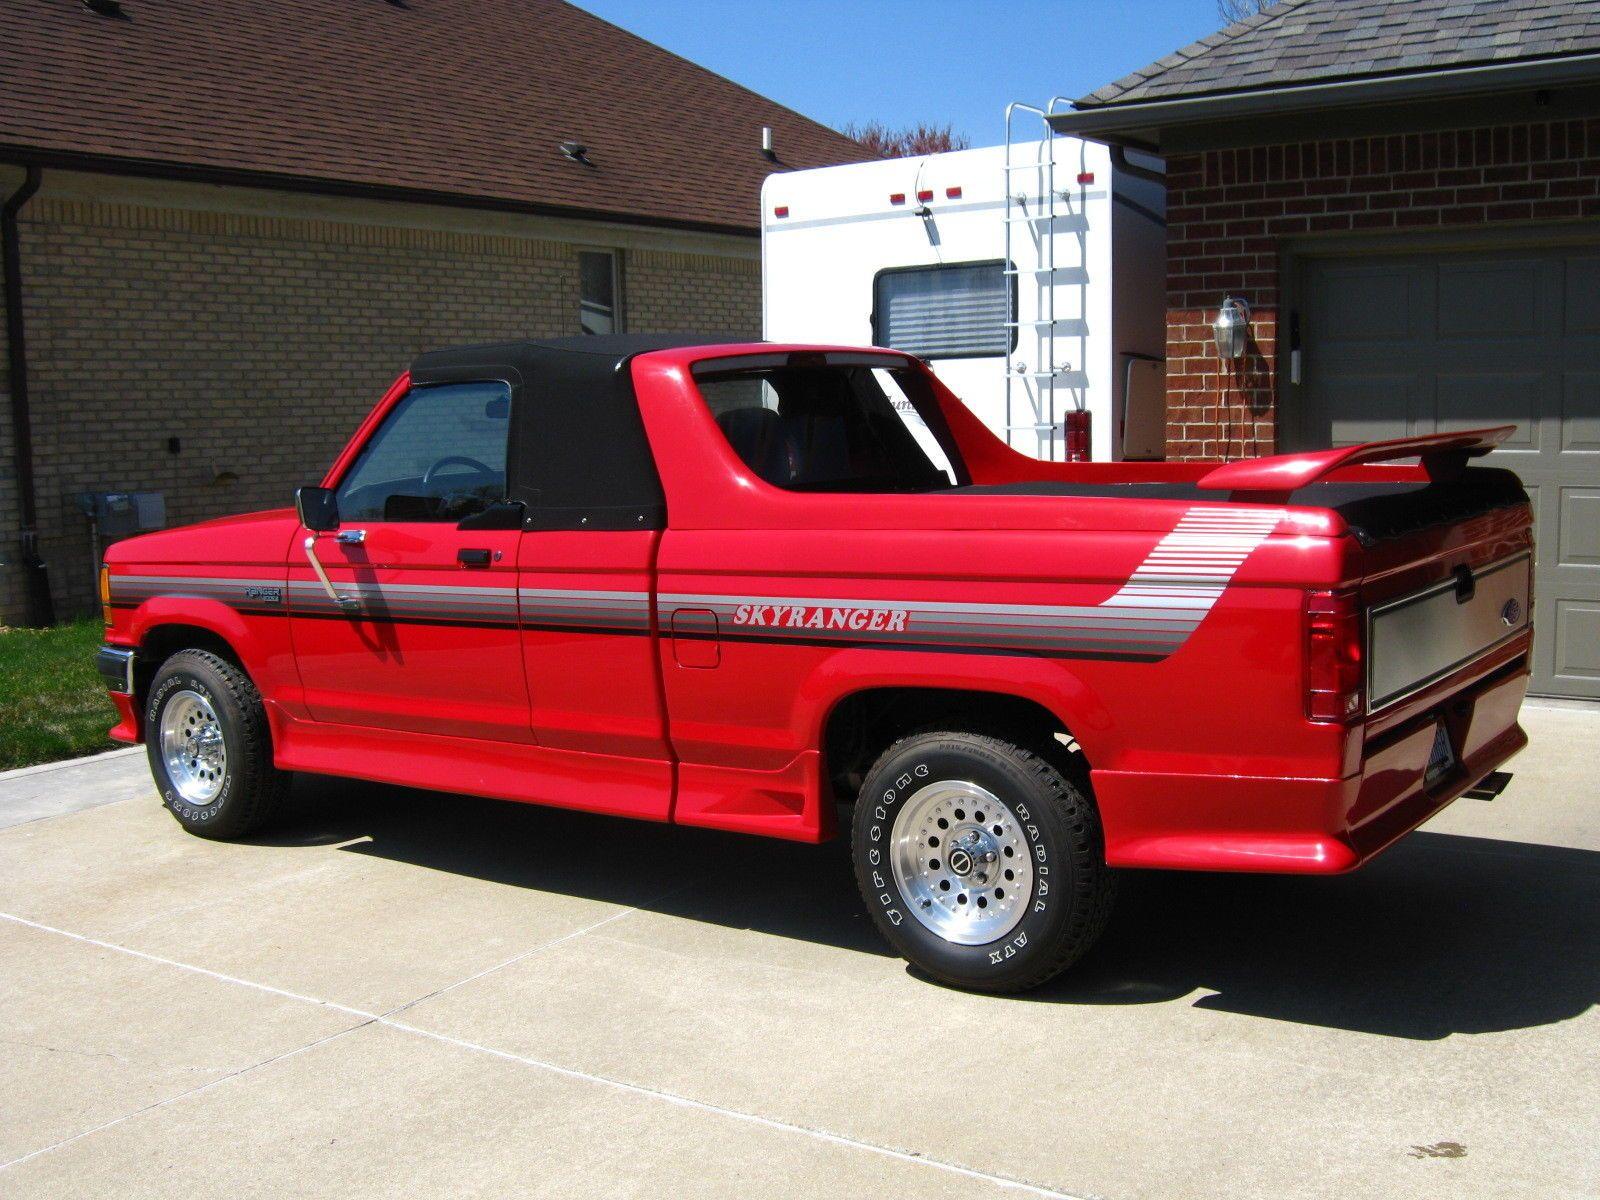 Ford ranger ranger pickup